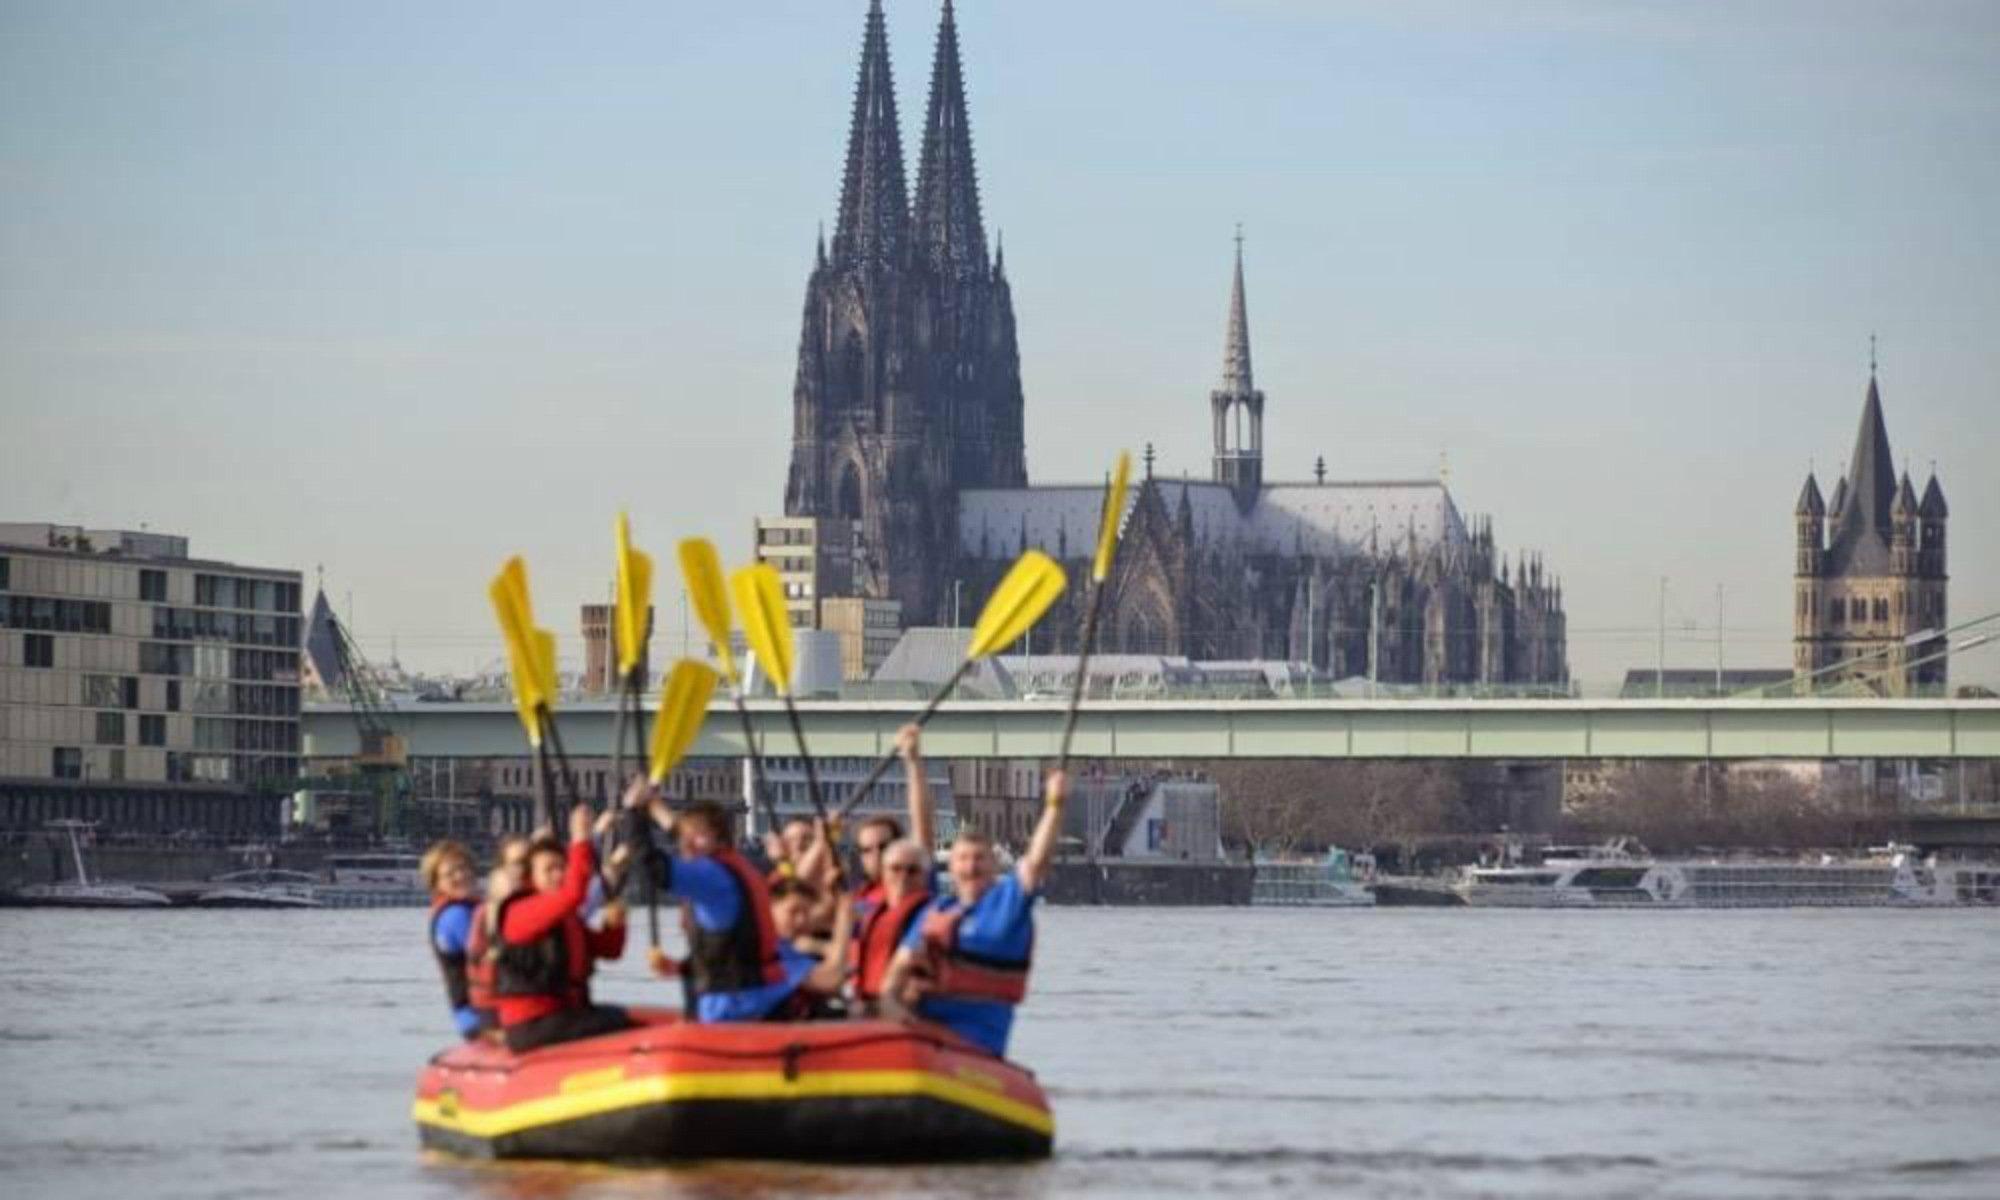 Eine Gruppe beim Rafting am Rhein vor dem Kölner Dom.